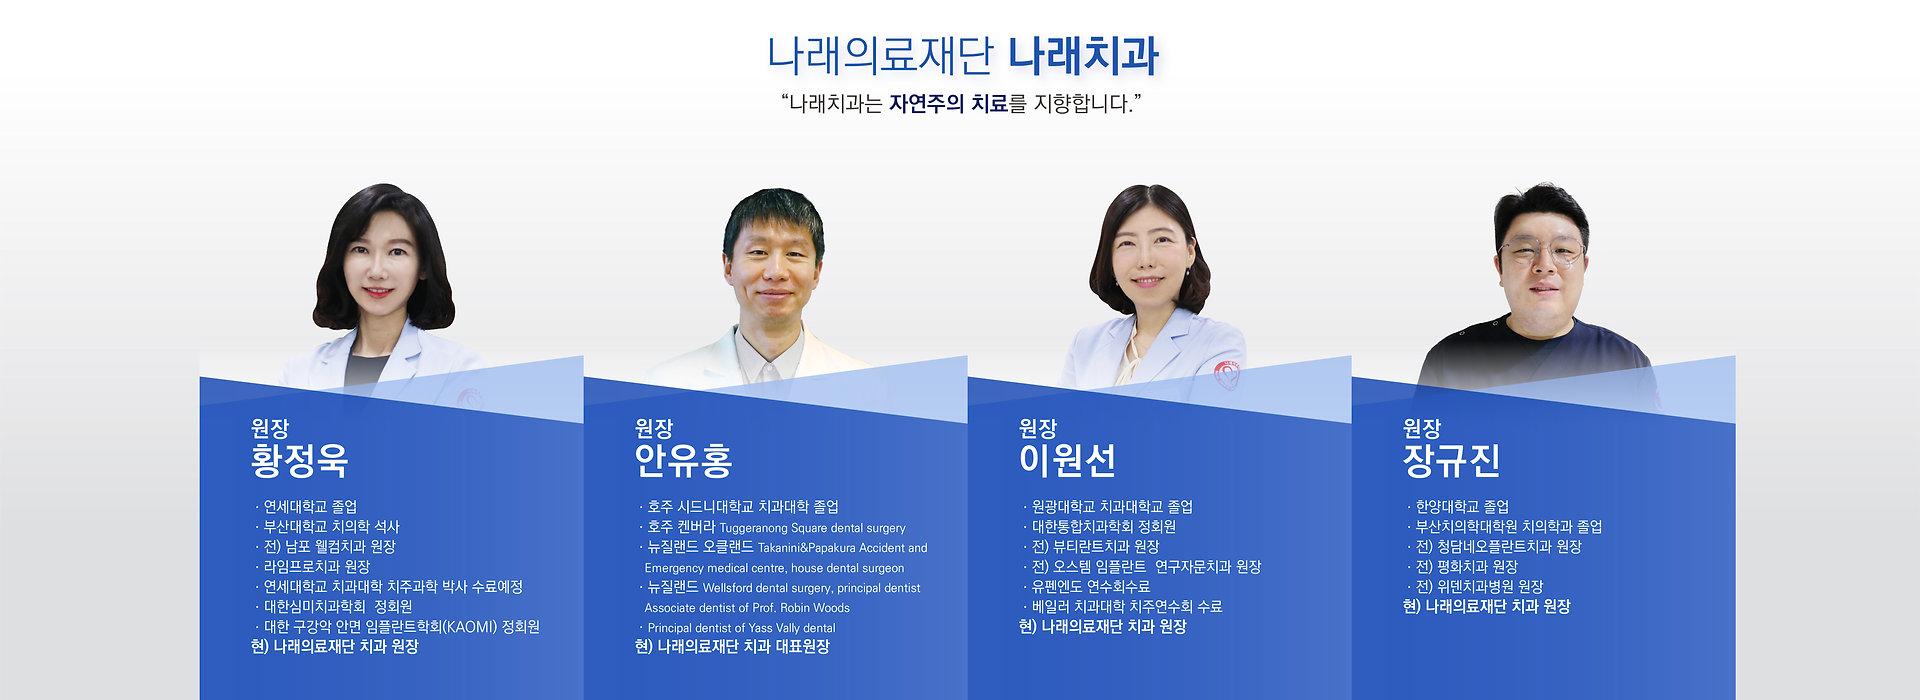 과별홈페이지대문-04.jpg